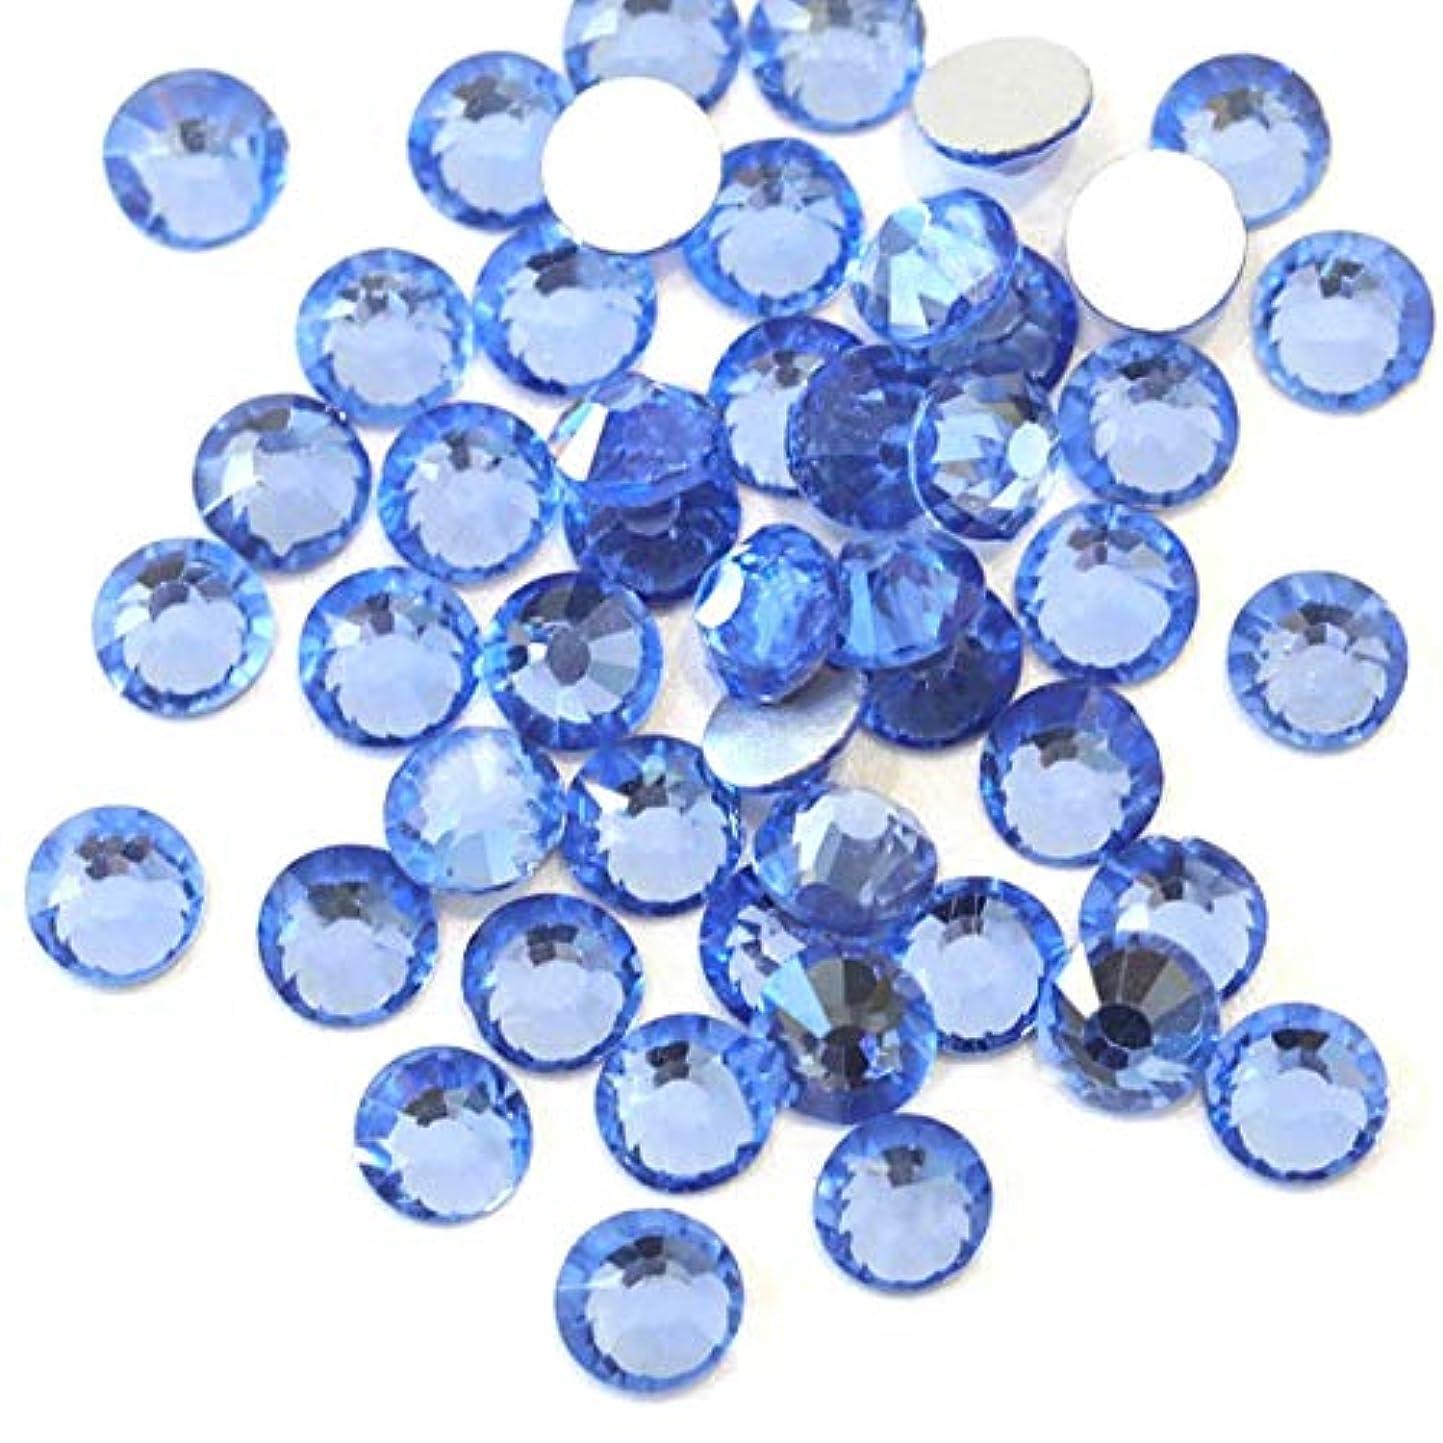 離婚葉を集める子供達【ラインストーン77】高品質ガラス製ラインストーン ライトサファイア(4.0mm (SS16) 約150粒)